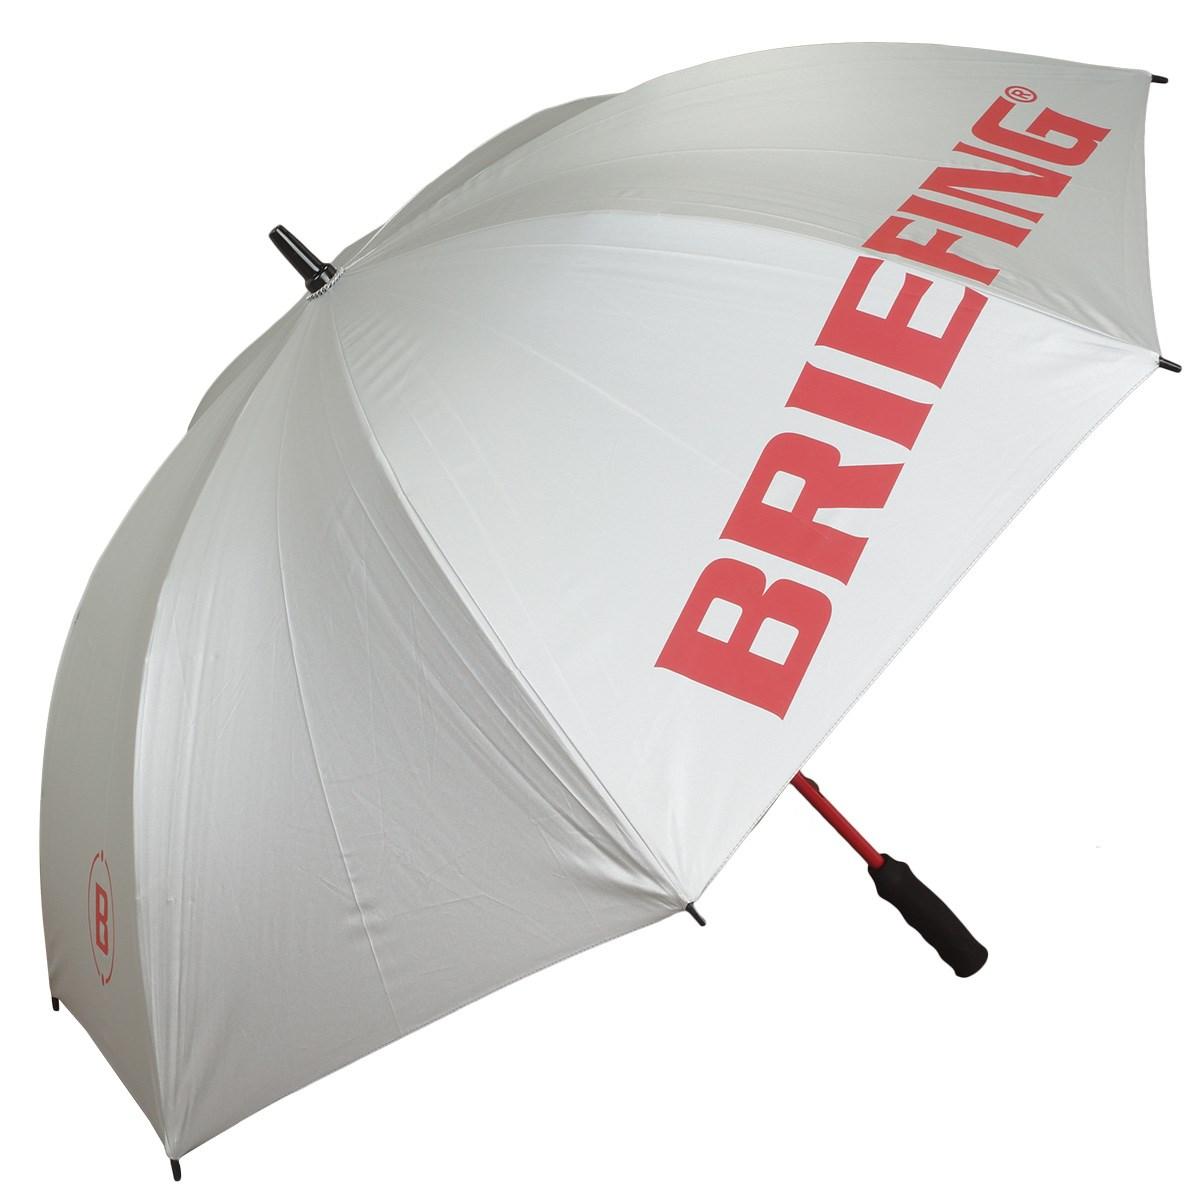 ブリーフィング 傘